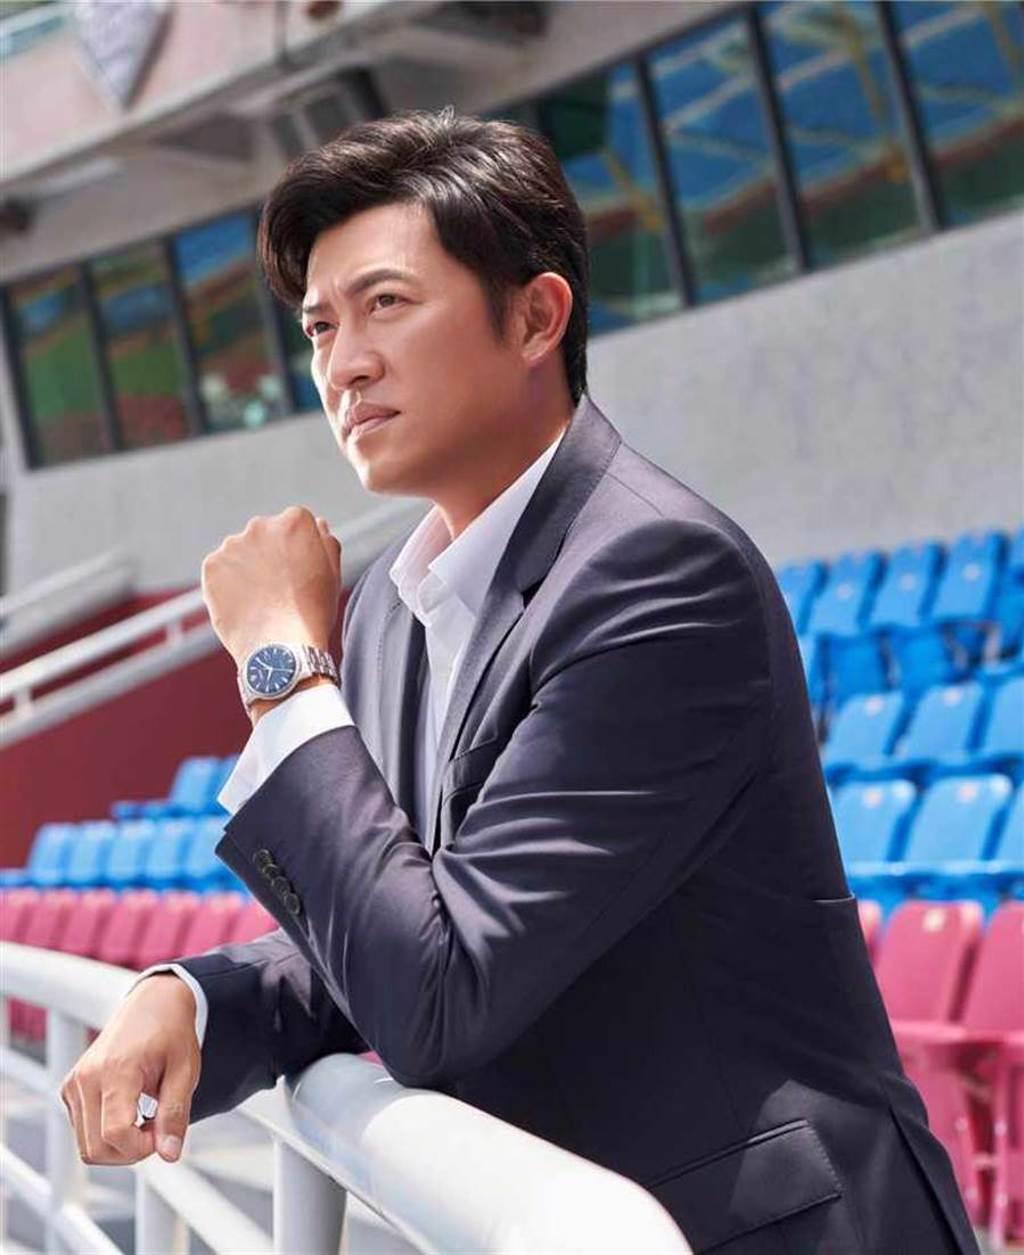 旅美棒球名將王建民,佩戴CITIZEN「NK0008-85L黑潮復刻機械腕錶」,傳遞沉穩堅毅的運動意志。(圖╱CITIZEN提供)